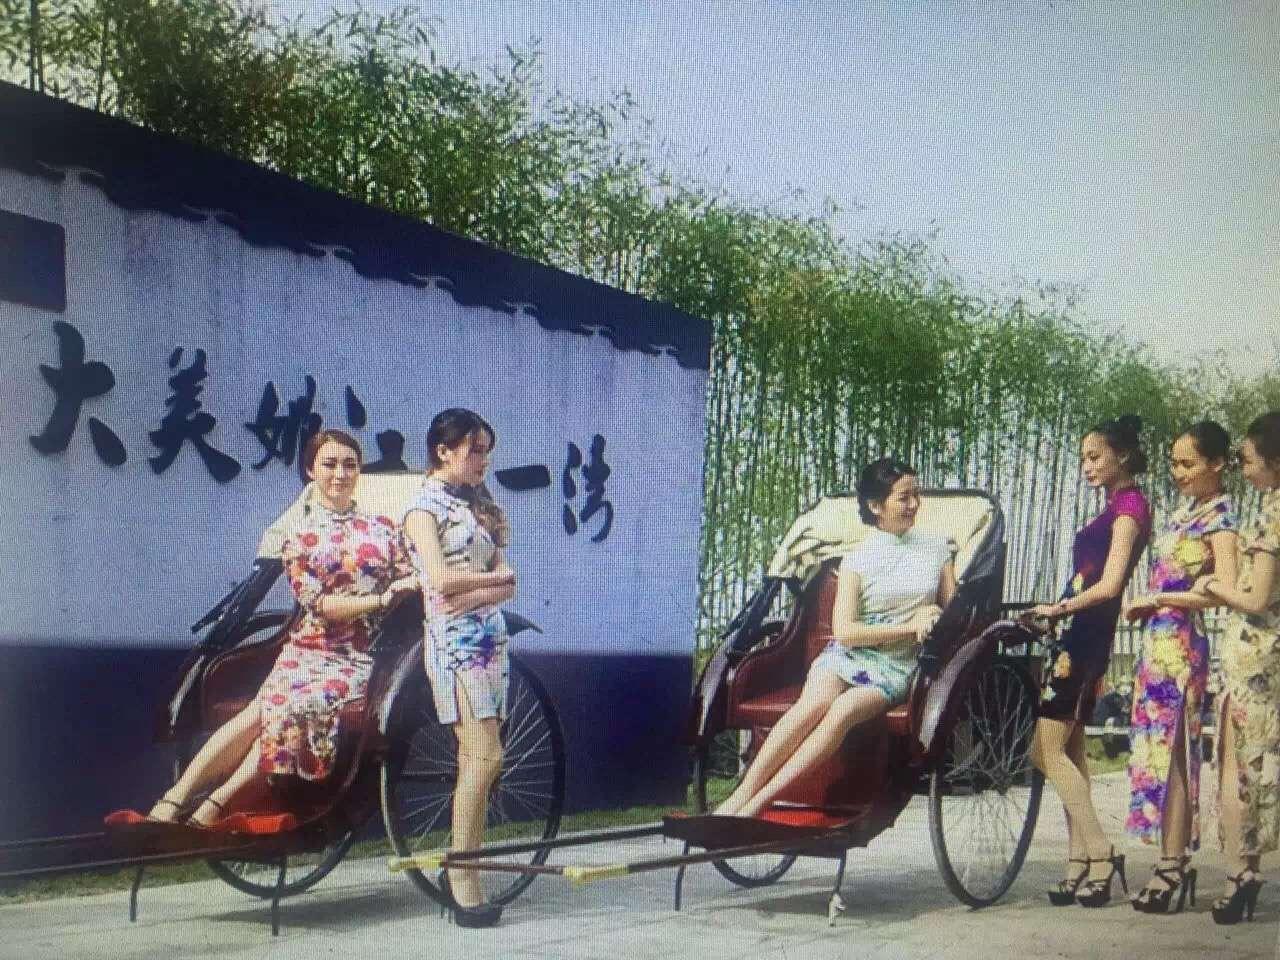 租老上海黄包车,出租老上海黄包车